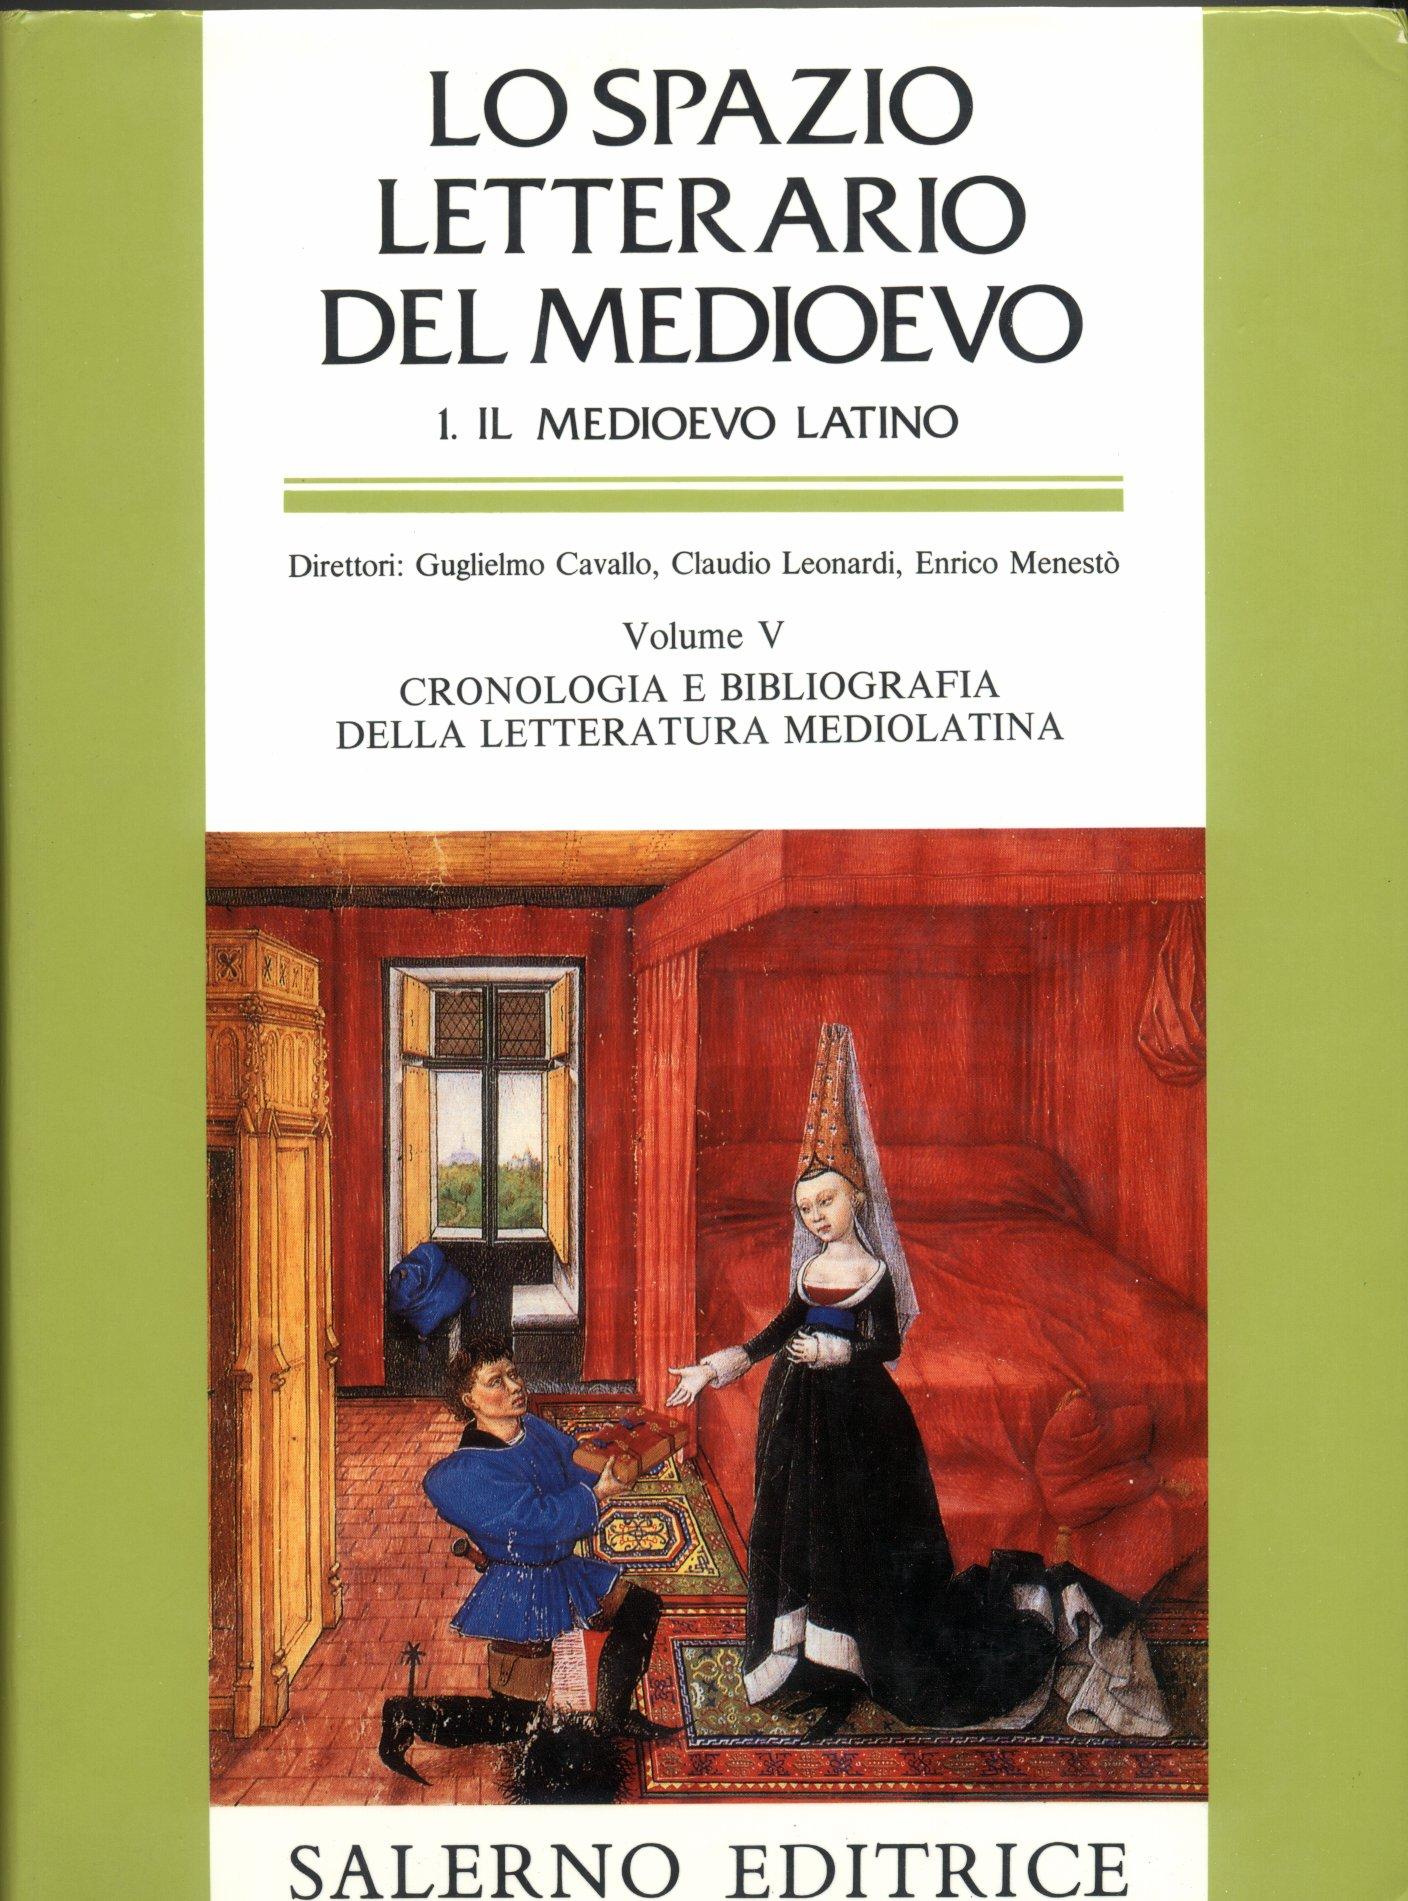 Lo spazio letterario del Medioevo